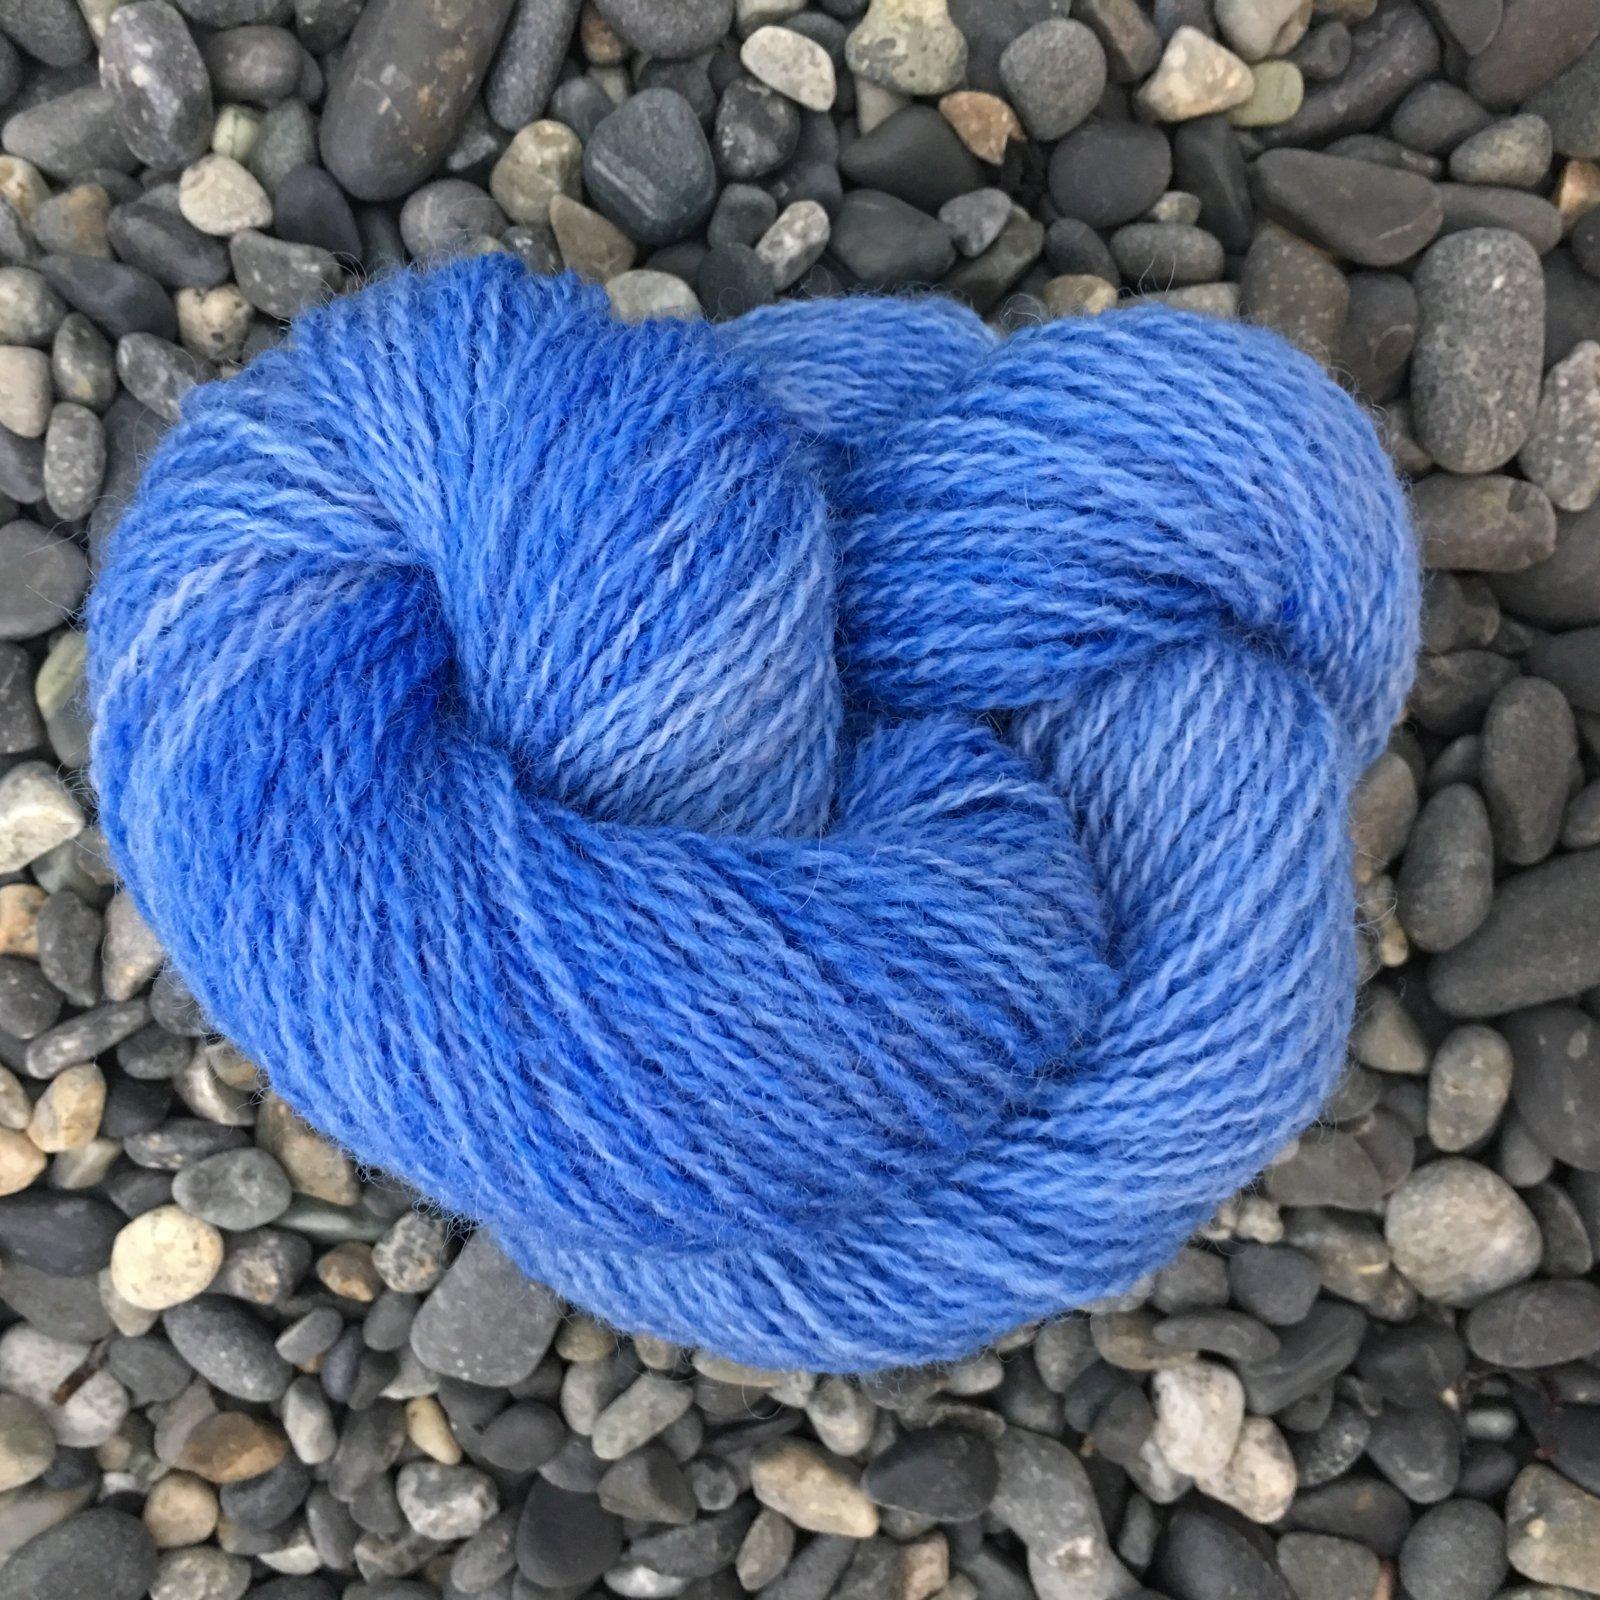 Nash Island TIDE Yarn - Calm Seas